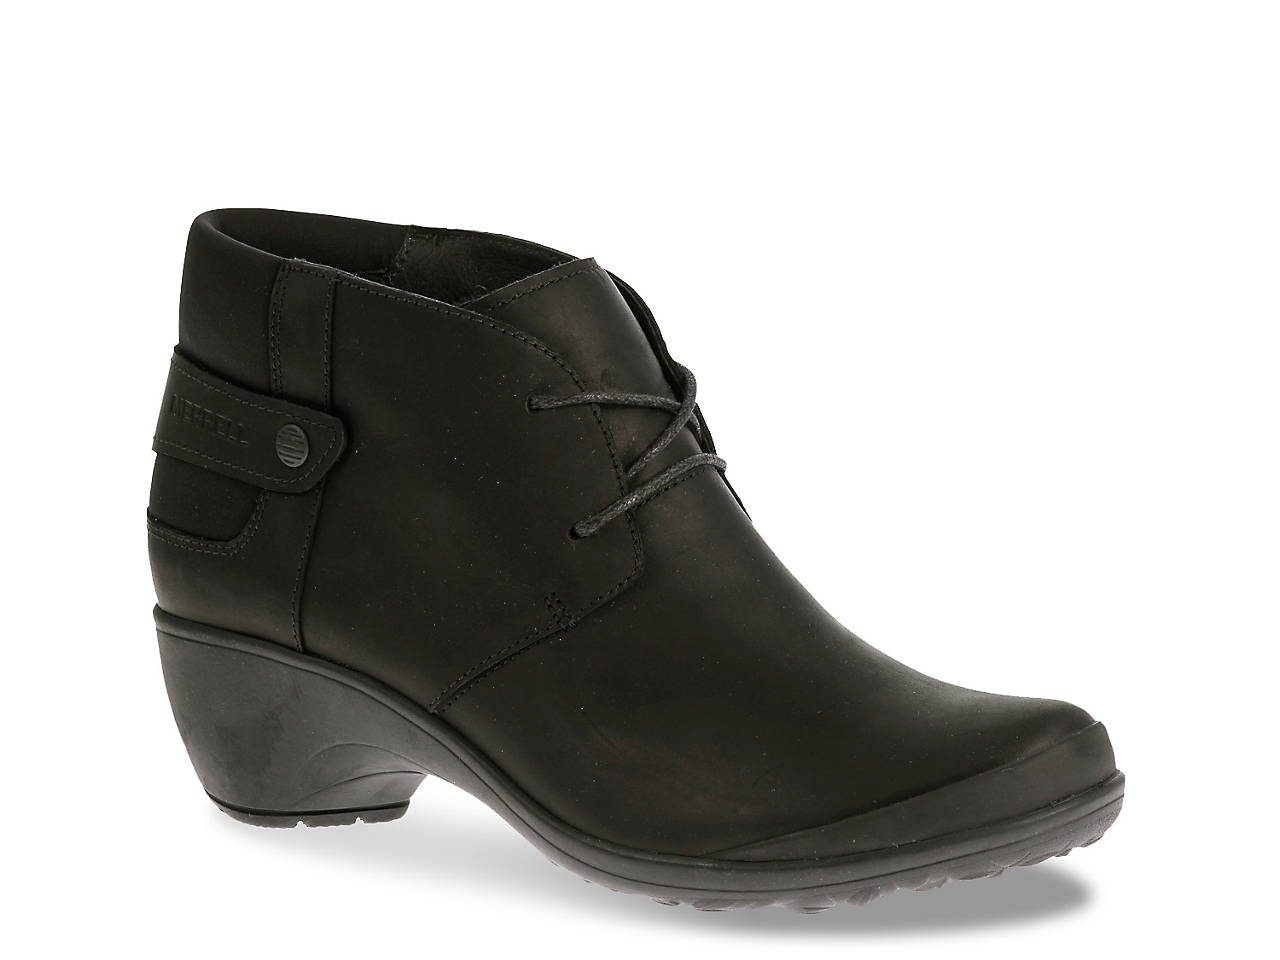 8b0c279fdba4 Merrell Veranda Bootie Women s Shoes